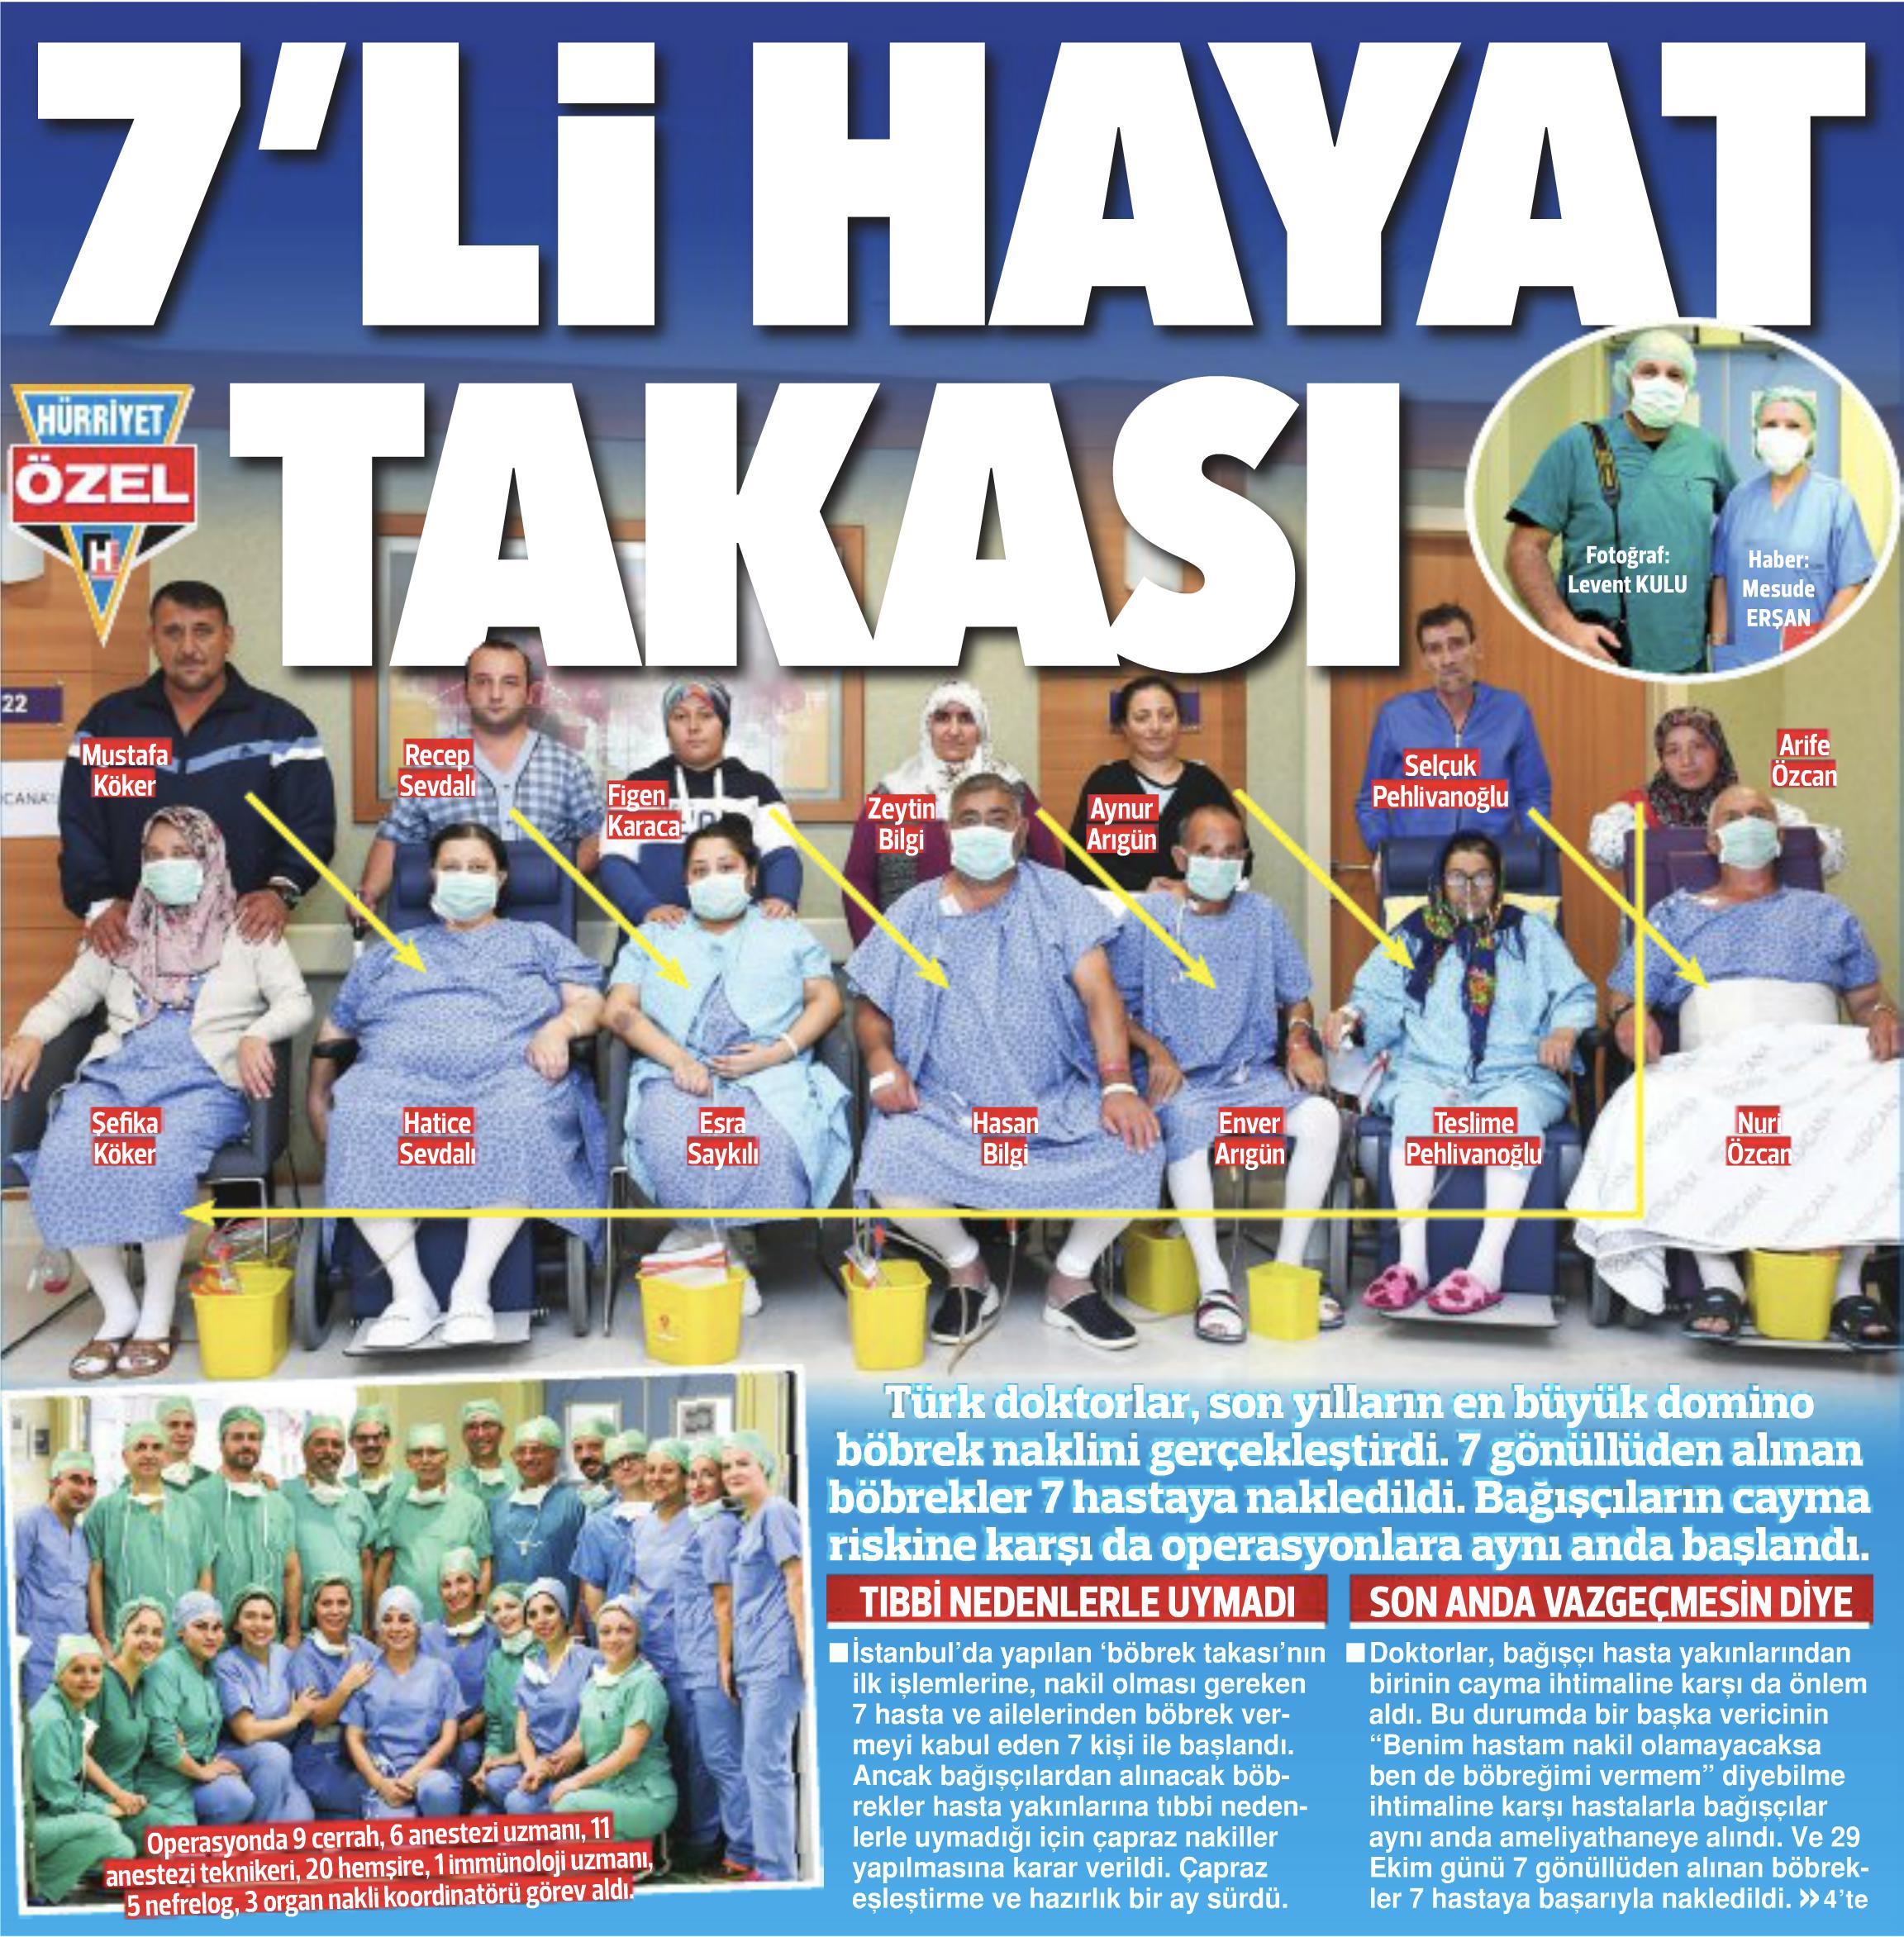 Türkiye'nin 7 harikası